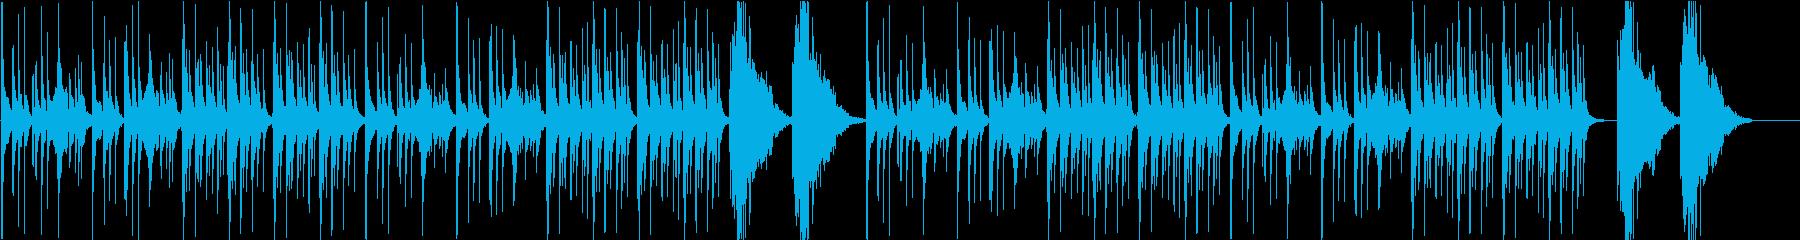 【和風】琴と三味線の美しいBGMの再生済みの波形